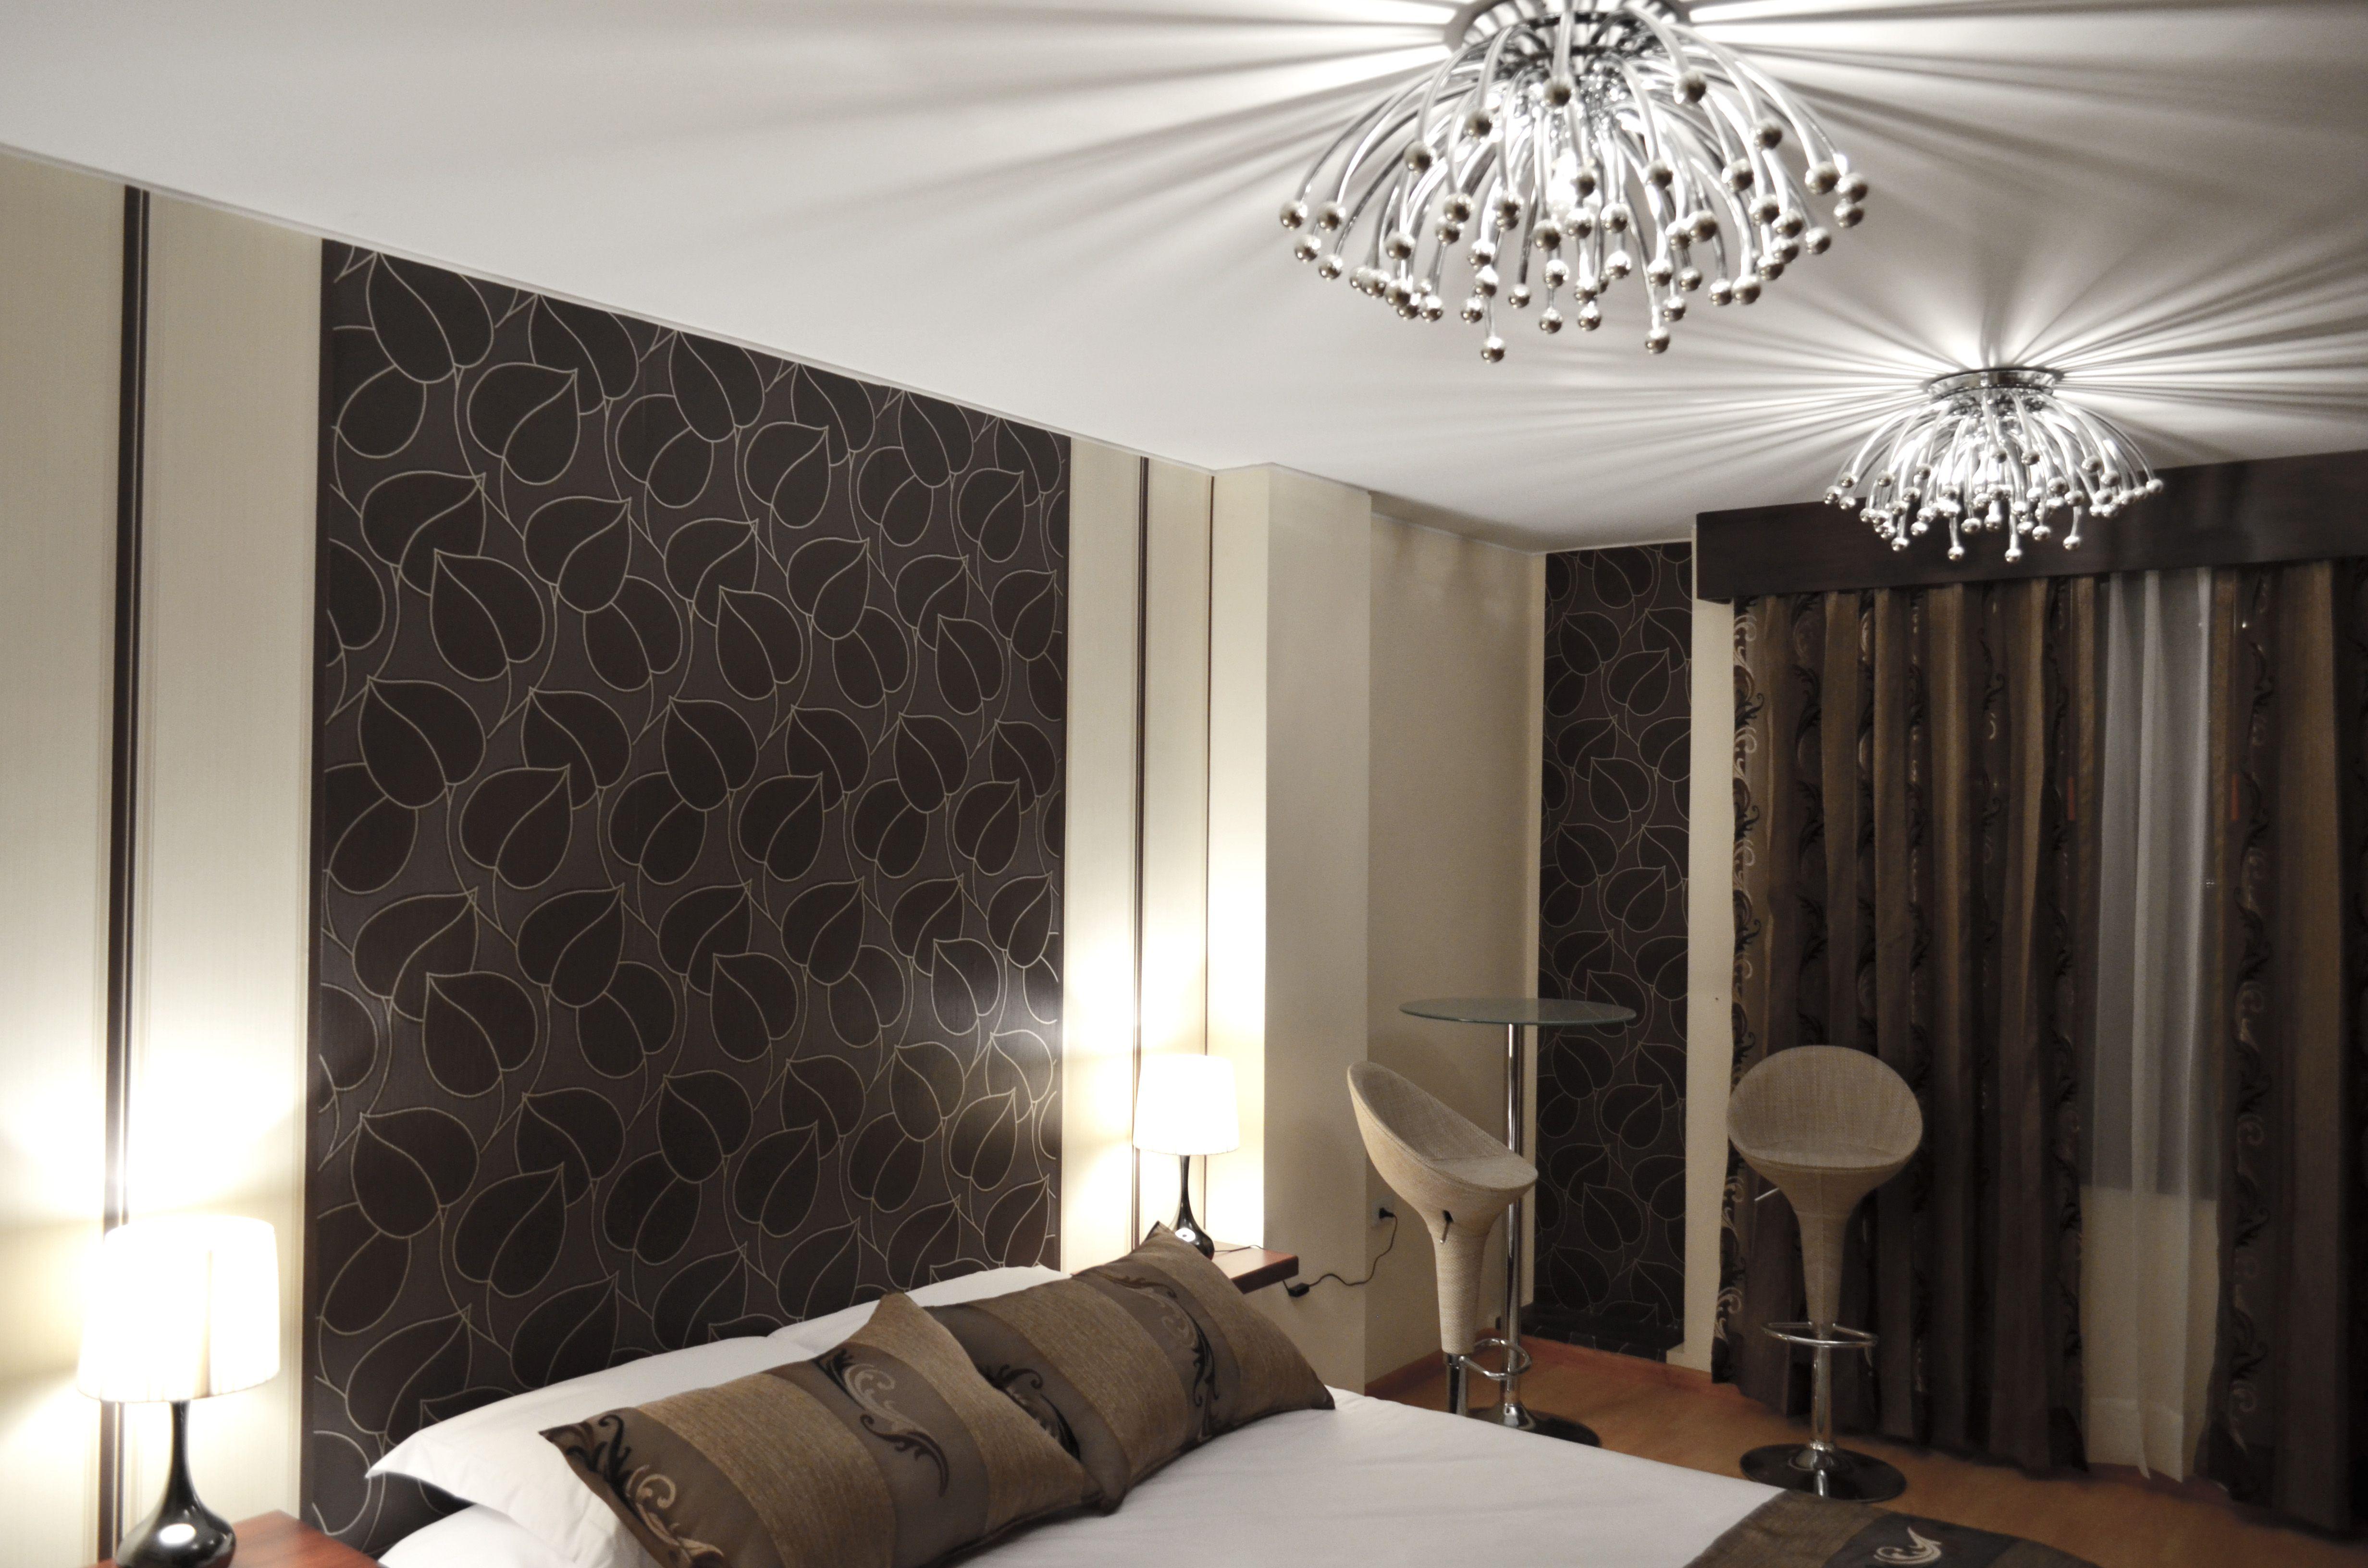 Lampara techo papel tapiz decoraci n hotel dise o de - Lamparas de interiores ...